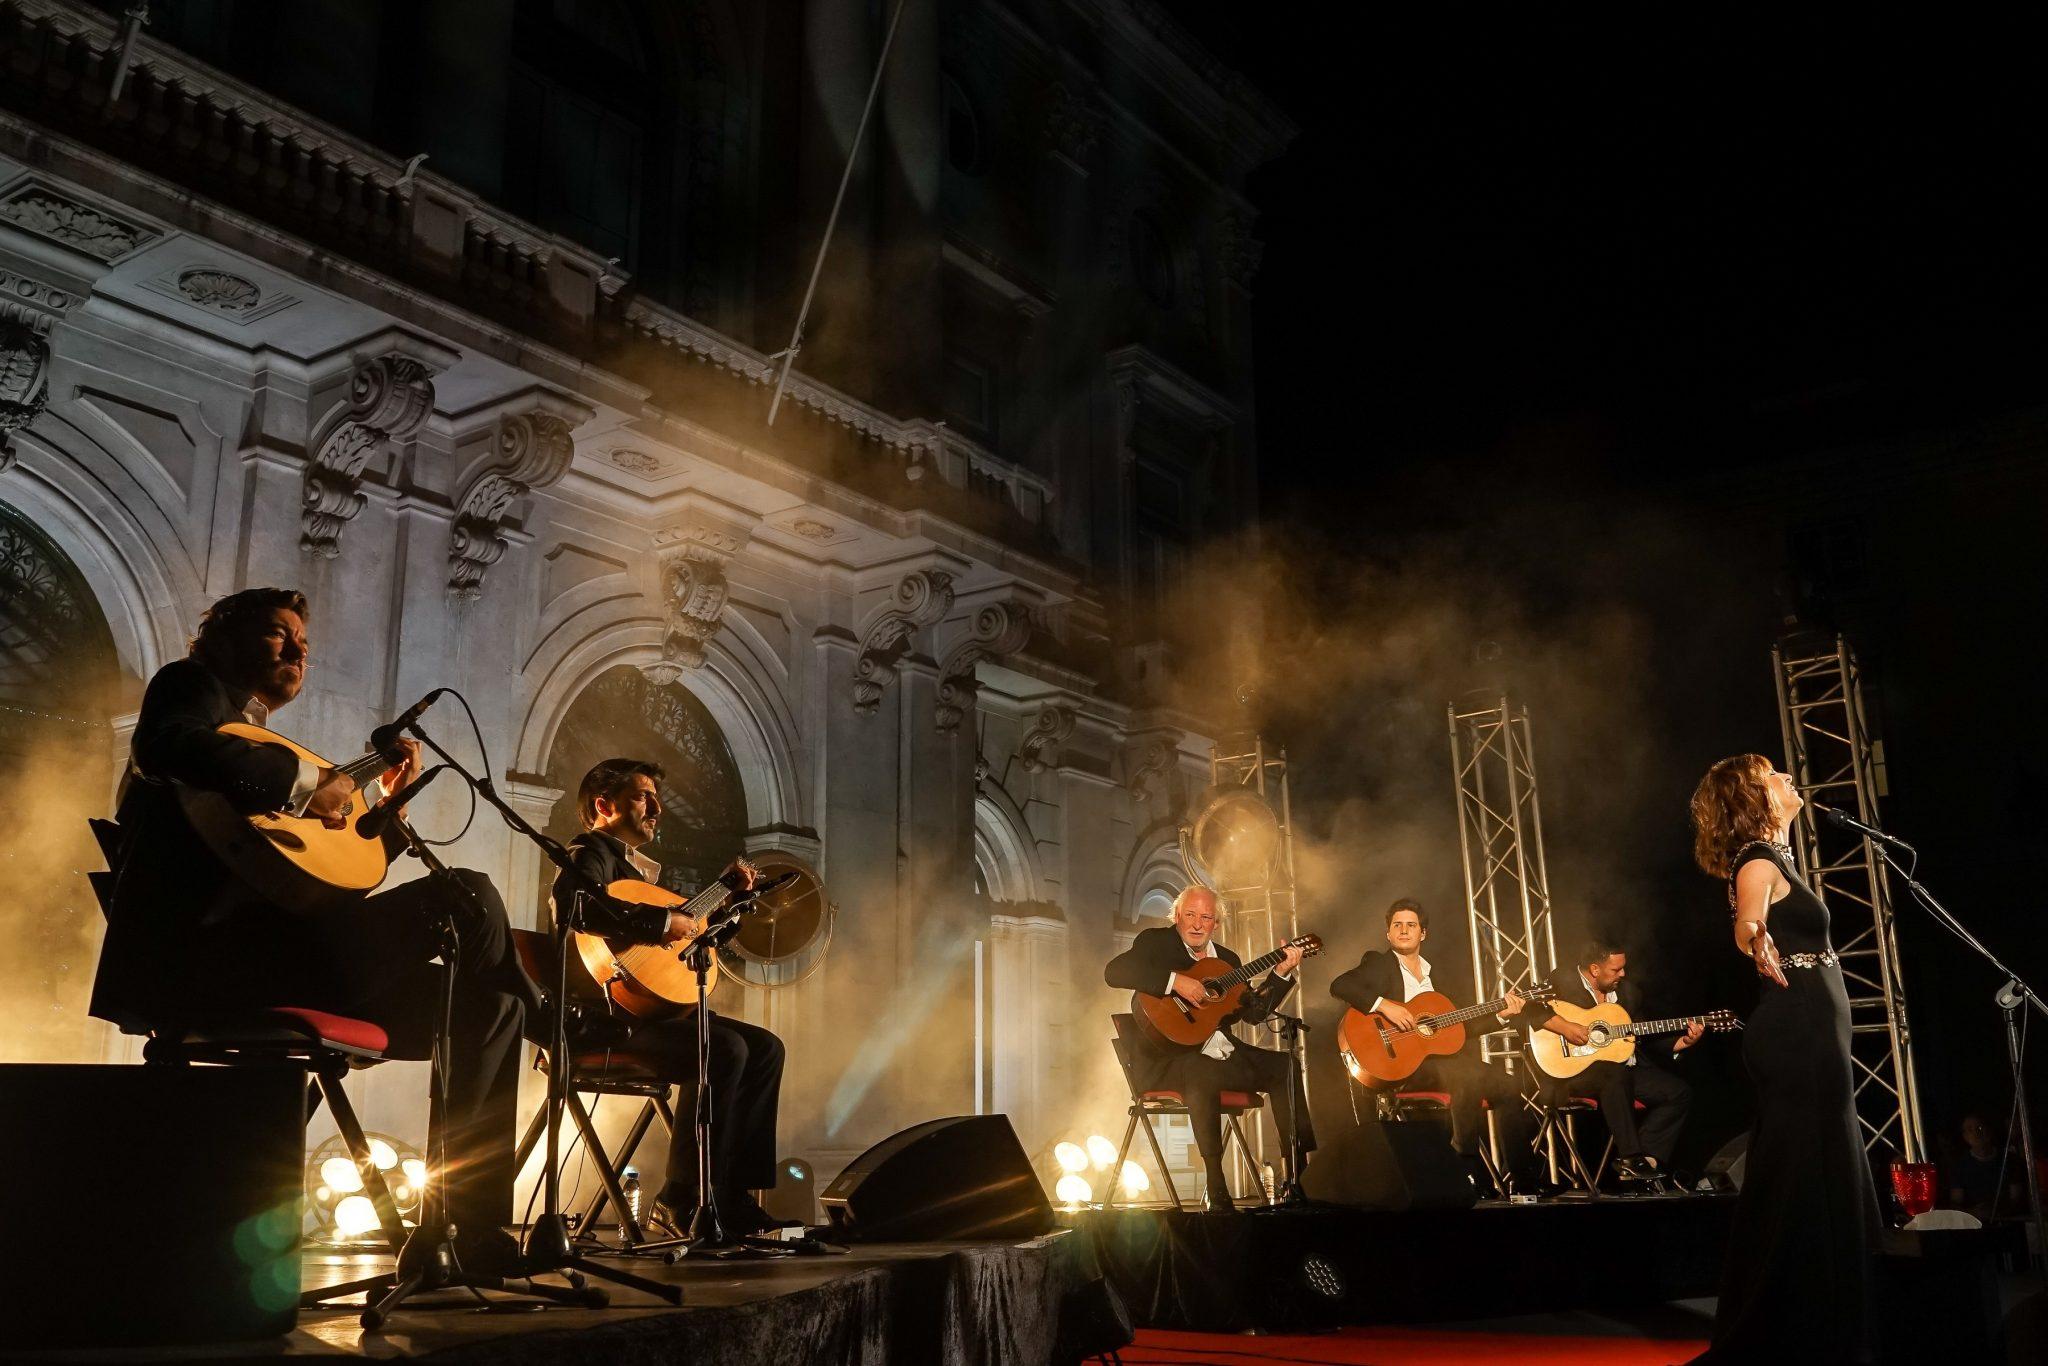 Músicos em palco, de lado para o observador, acompanham a fadista Katia Guerreiro